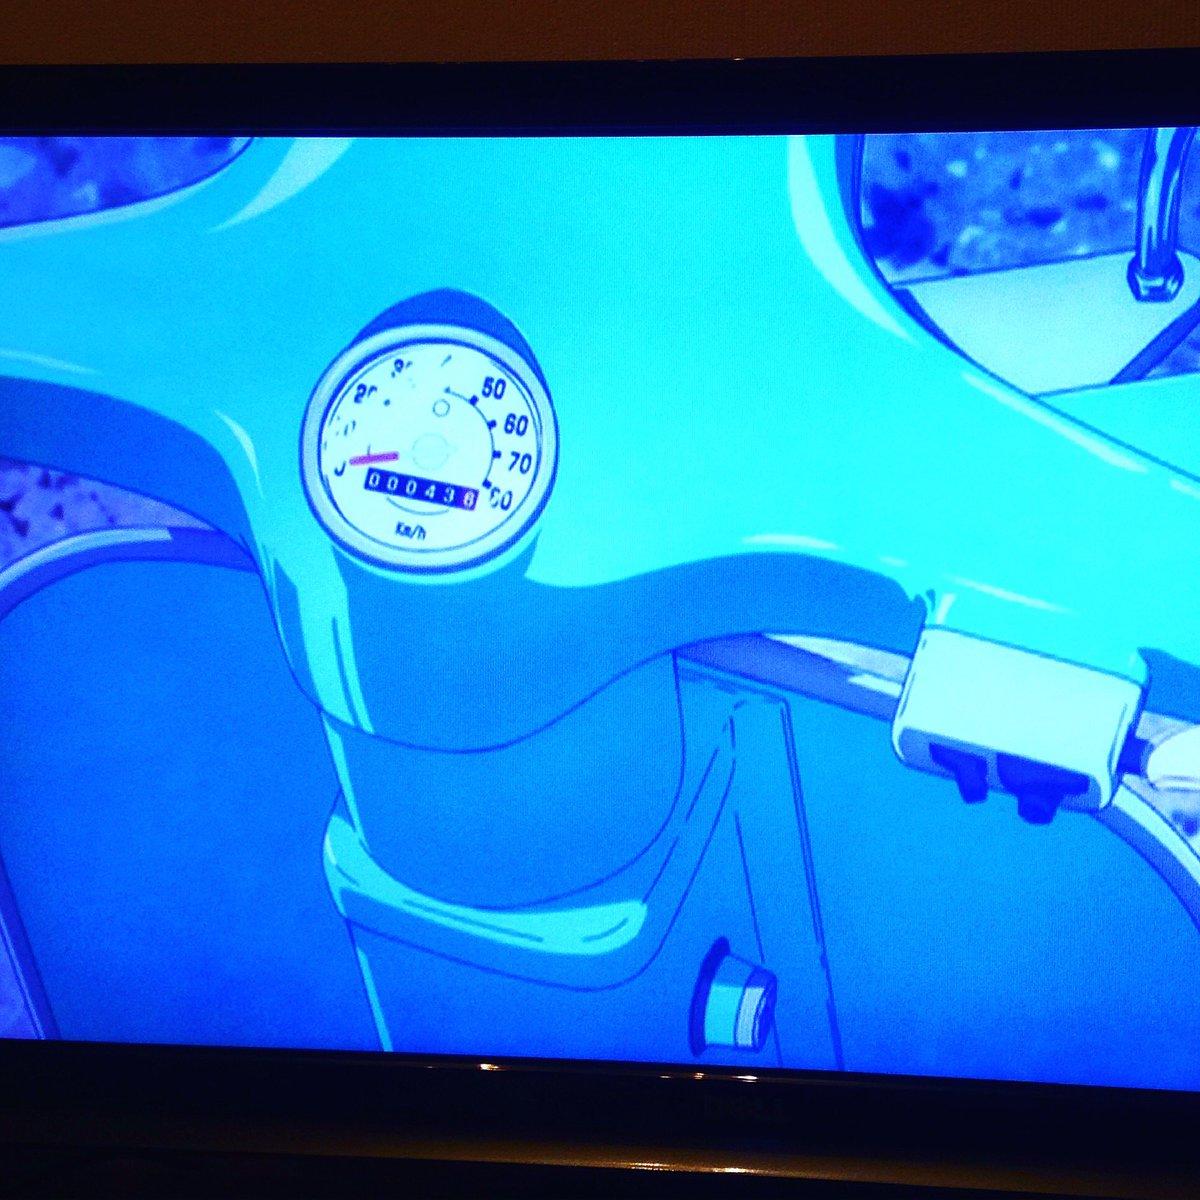 実車が描かれる。それは小さな幸せ😍#あまんちゅ #走行距離43km #ベスパ #vespa